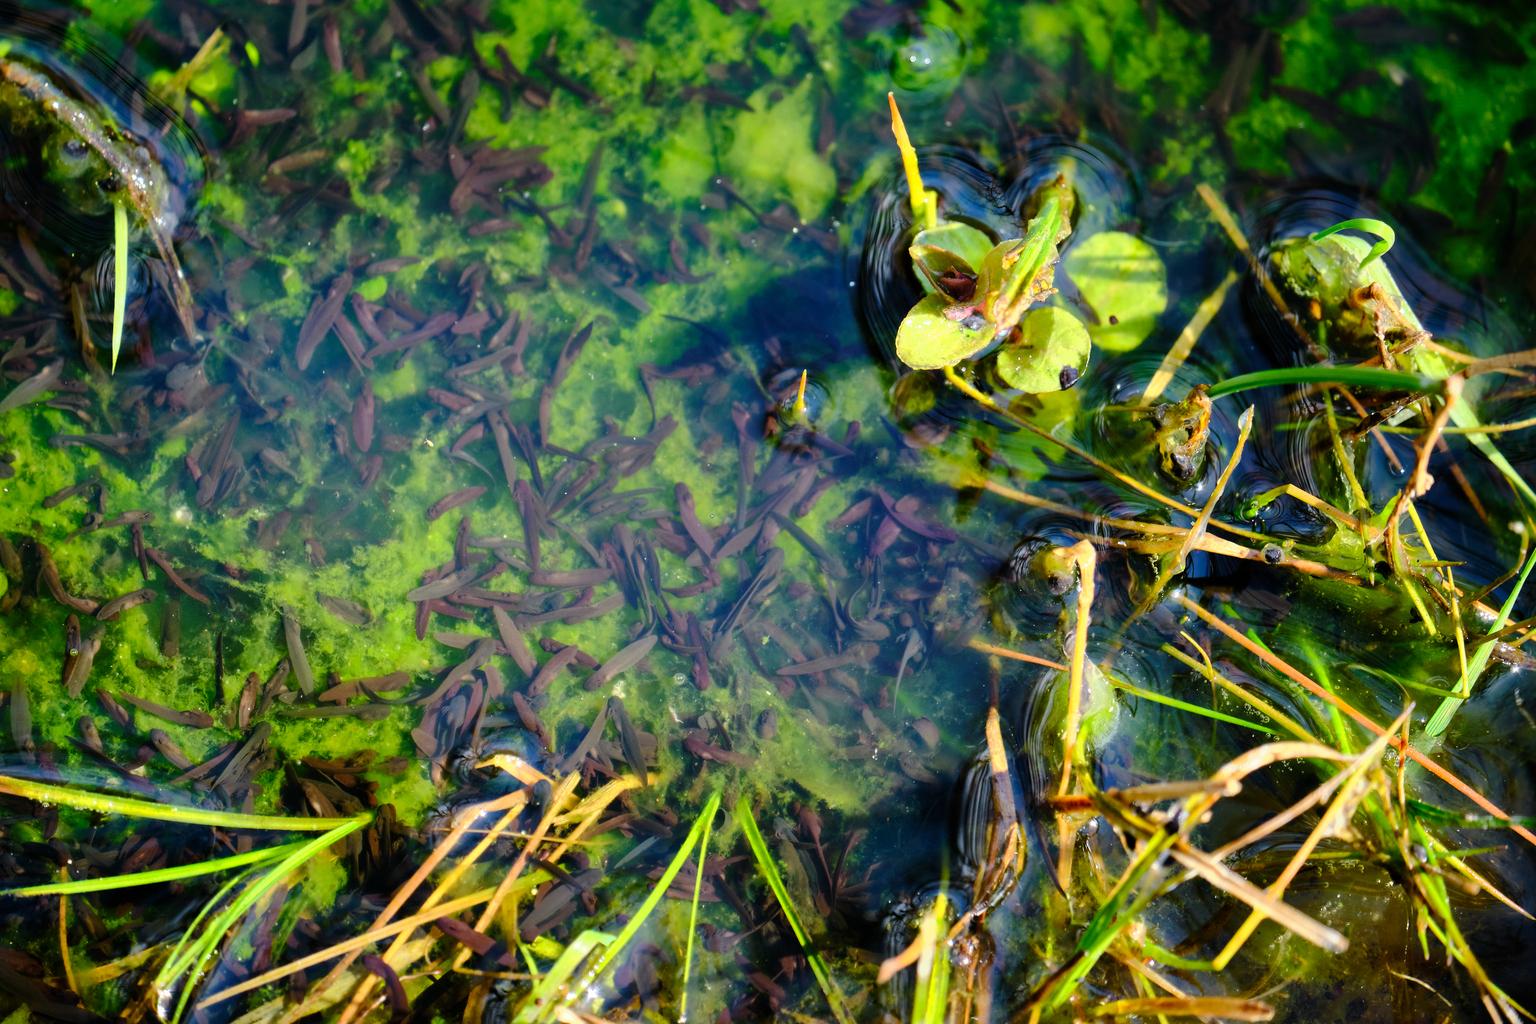 Er groeit iets in de vennetjes (1) - Meijendel - foto door Eugenio op 12-04-2021 - deze foto bevat: natuur, vennetje, kikker, landschap, water, fabriek, terrestrische plant, gras, waterplant, bodembedekker, natuurlijk landschap, takje, bloeiende plant, niet-vasculaire landplant